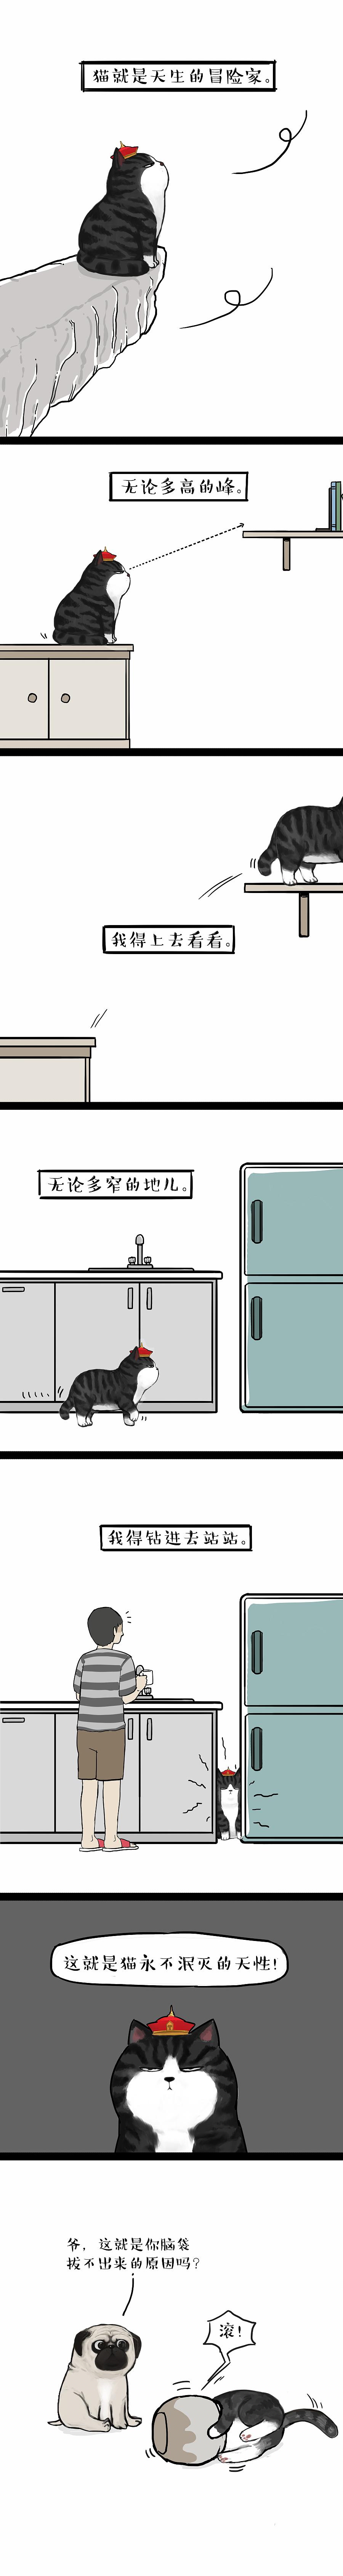 查看《神啊,走点心吧!每只狗都不容易。》原图,原图尺寸:3000x22500